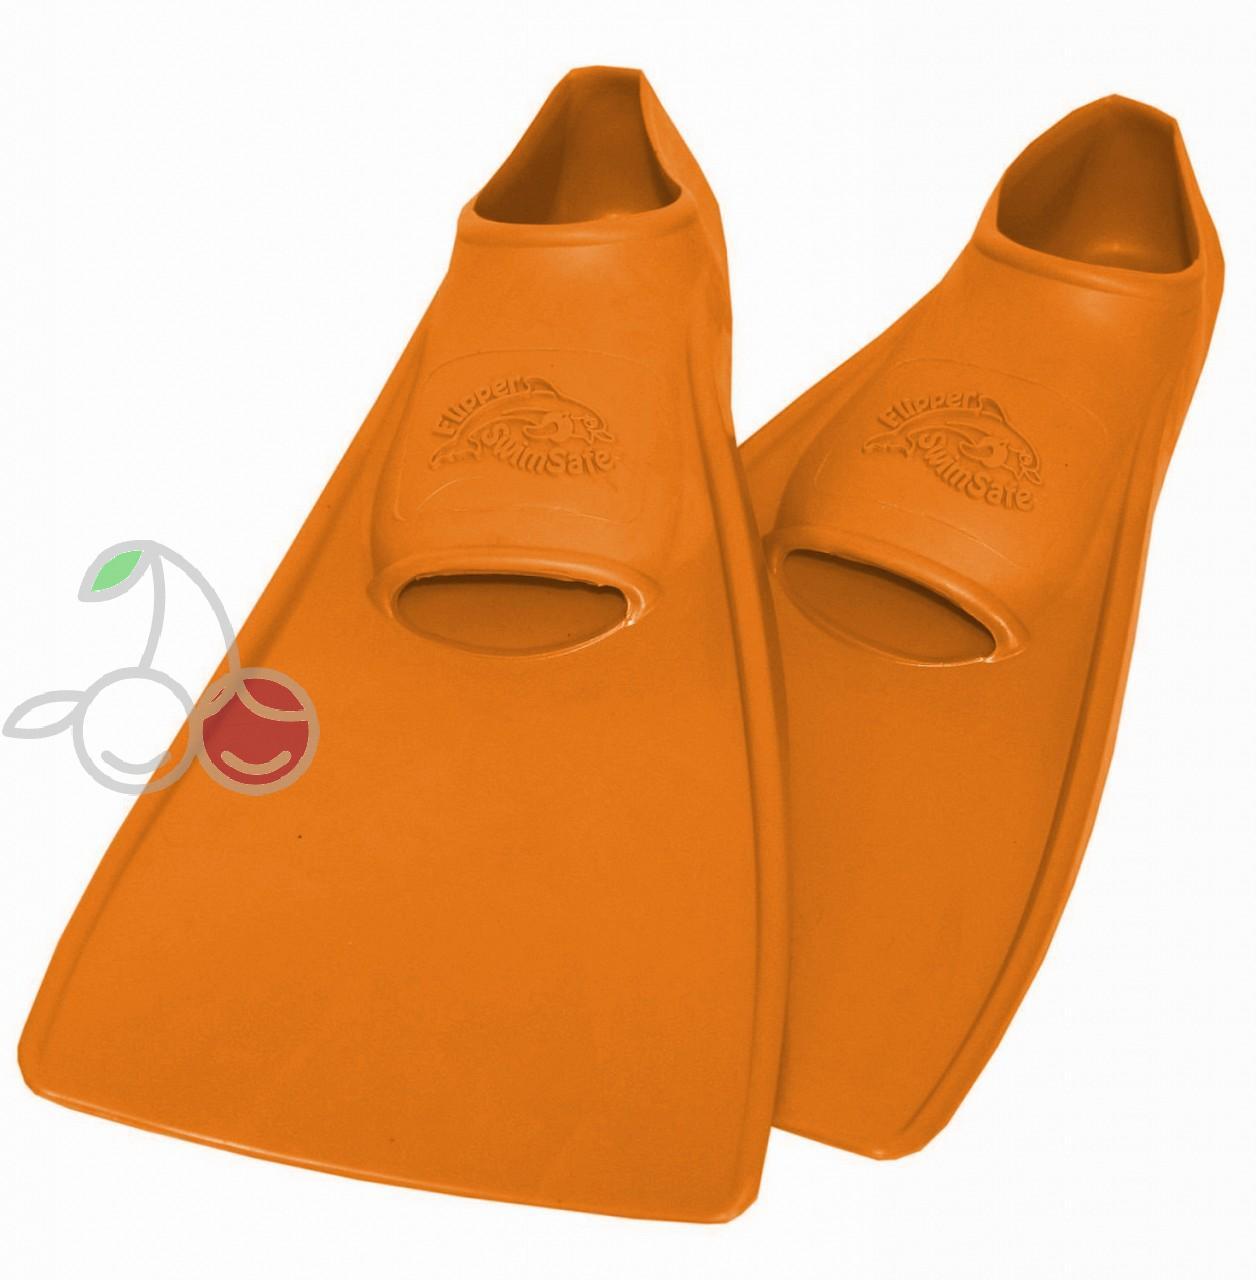 Ласты для бассейна резиновые детские размеры 28-30 оранжевые СВИМСЕЙФ (SwimSafe) Германия, - фото 1